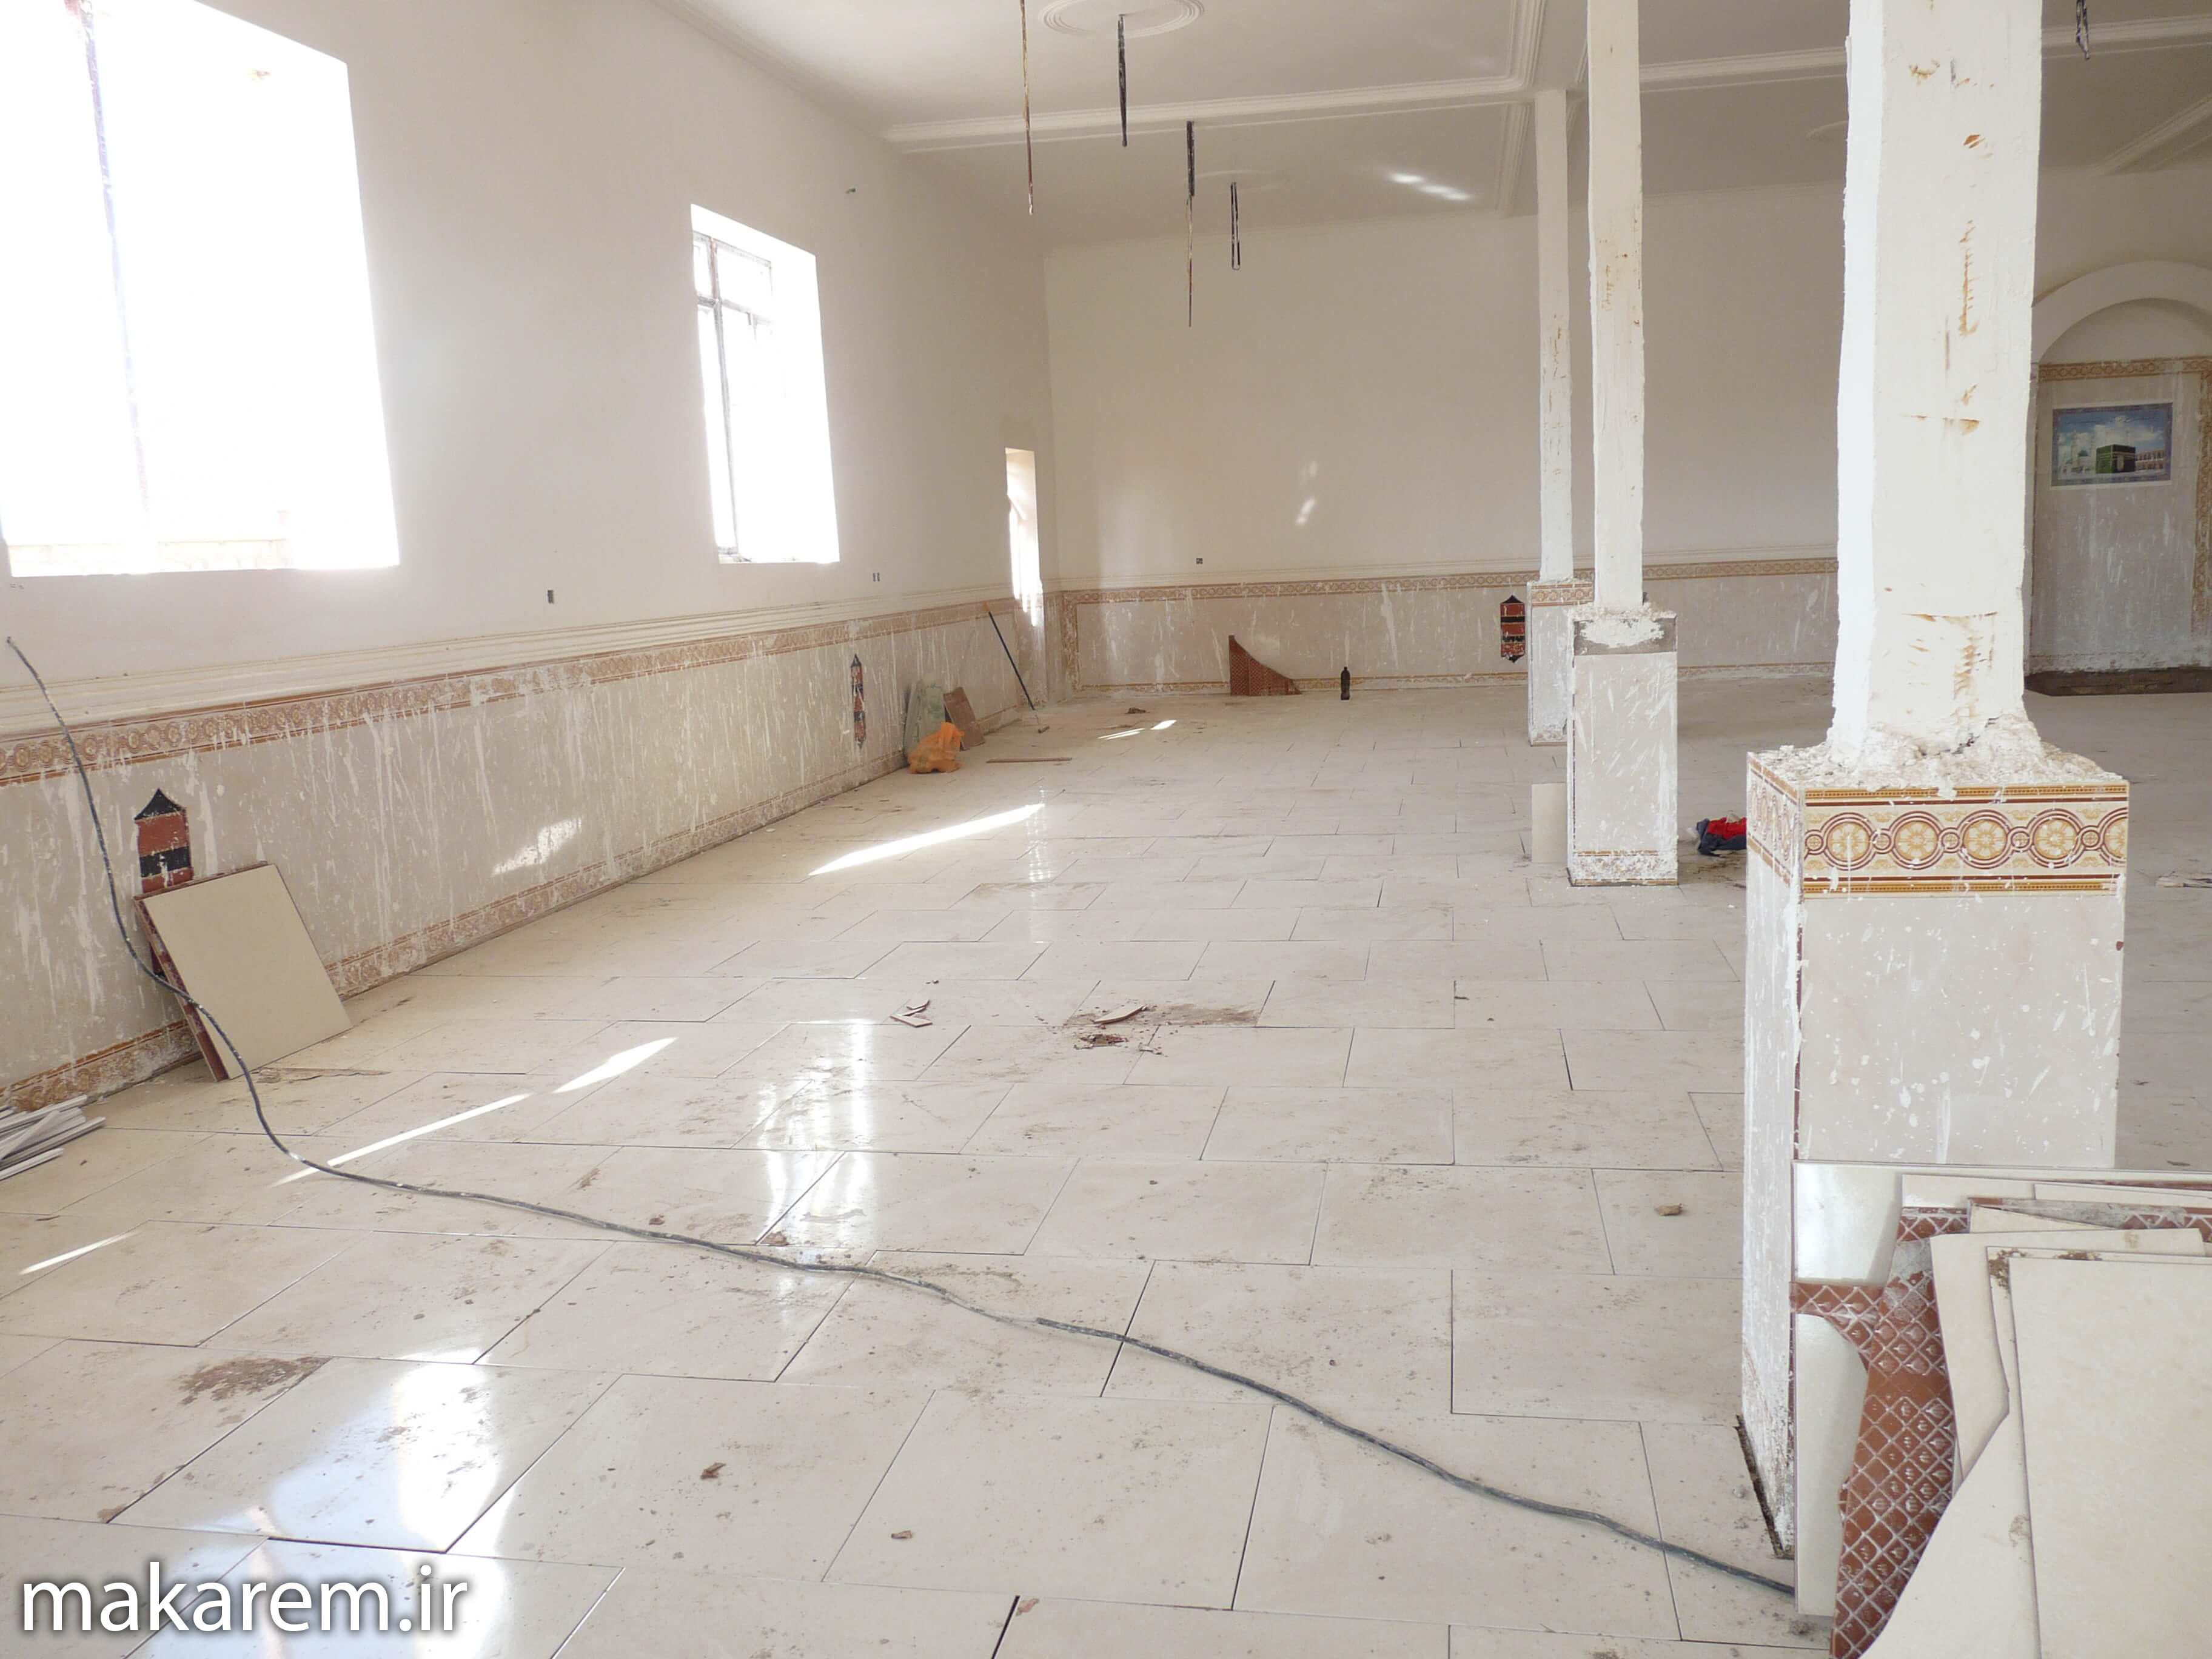 موسسه 110مسجد و مدرسه-مدرسه الامام امیر المومنین (ع)